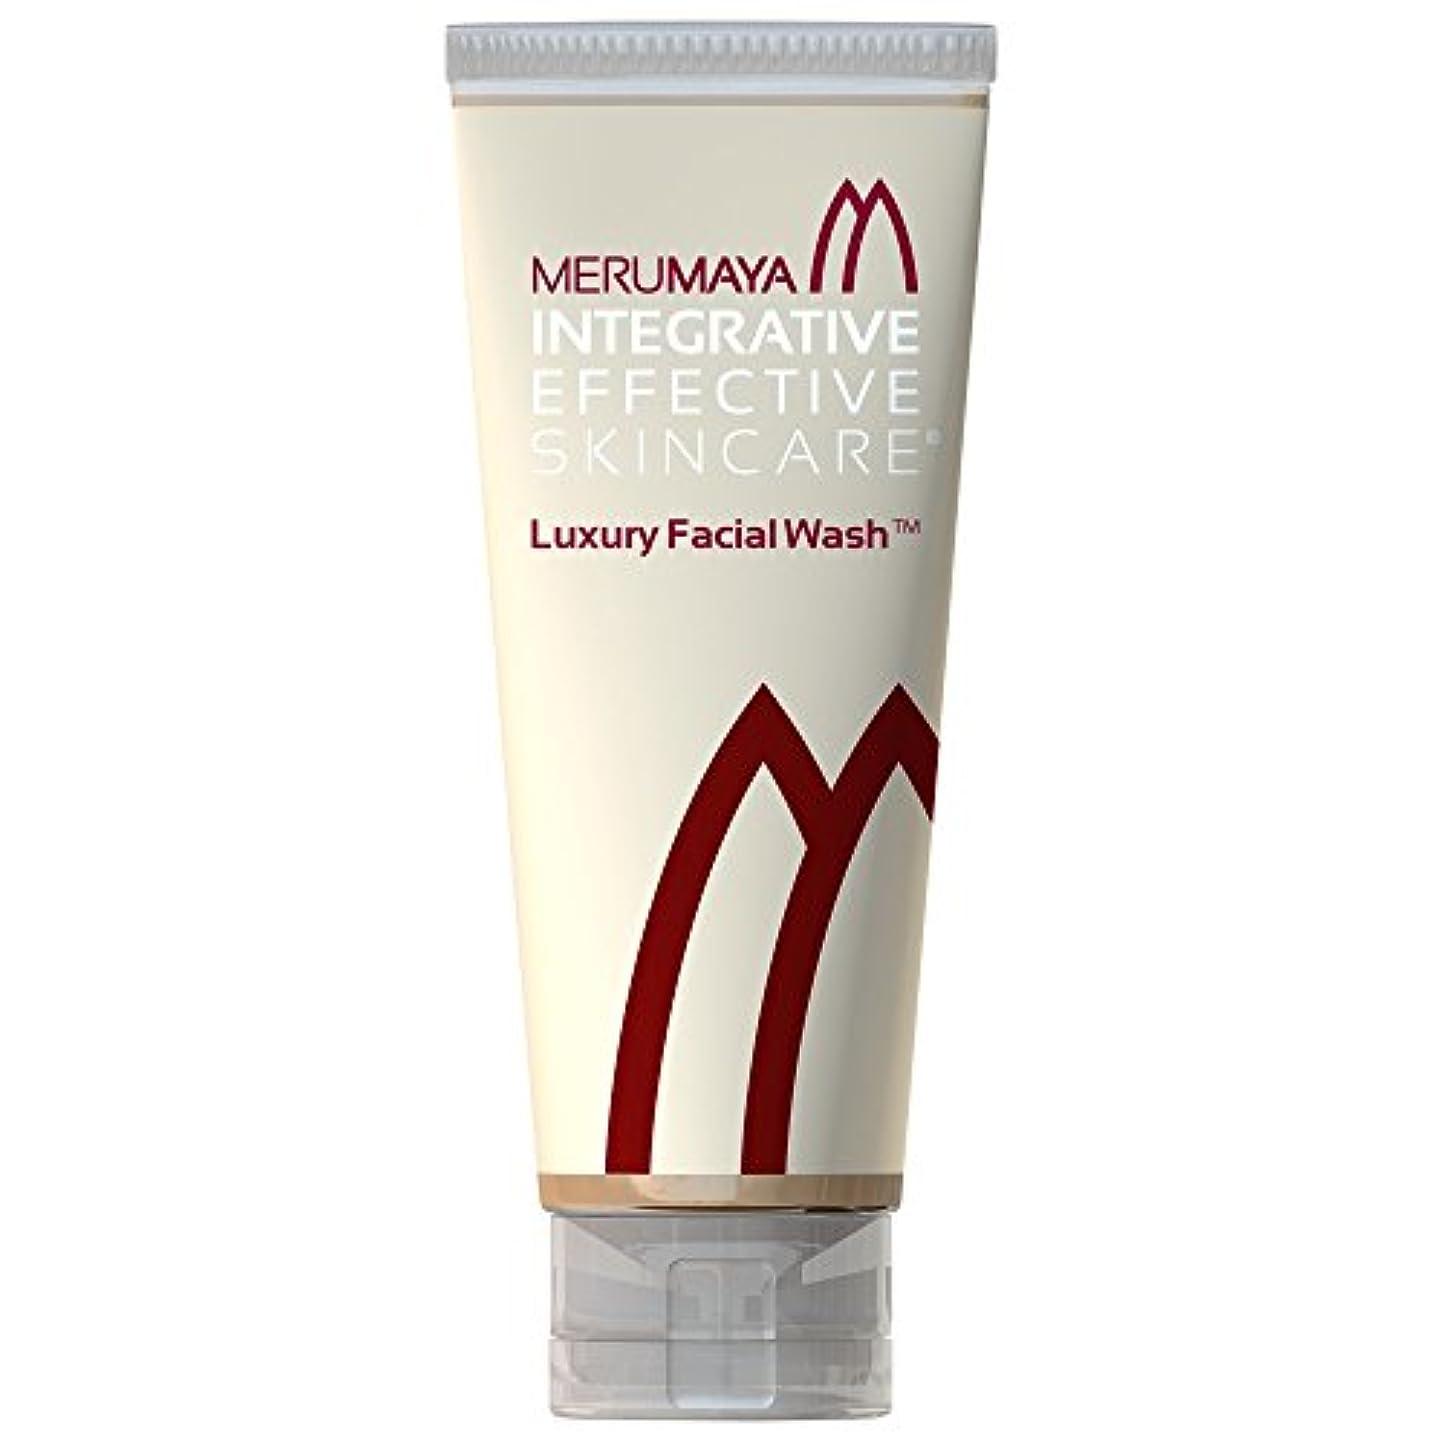 男純粋に故障Merumaya高級洗顔?、100ミリリットル (Merumaya) (x2) - MERUMAYA Luxury Facial Wash?, 100ml (Pack of 2) [並行輸入品]